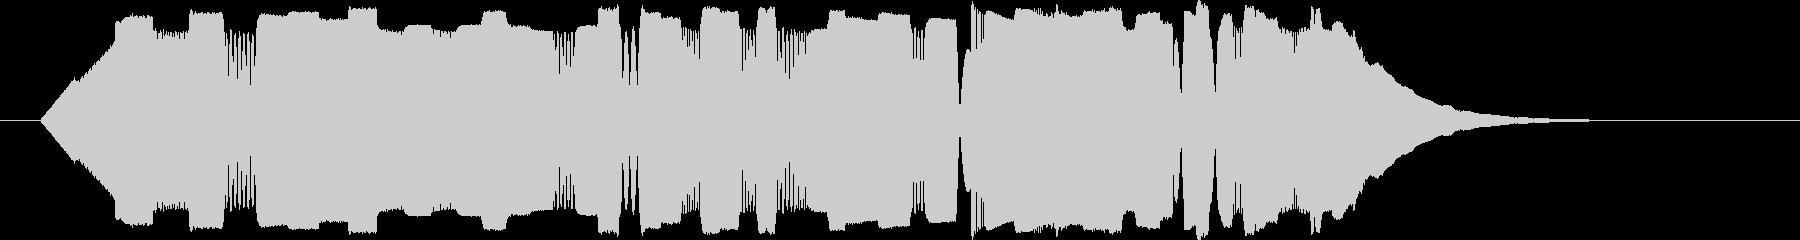 パリポリポパリポリポリ(電子)の未再生の波形